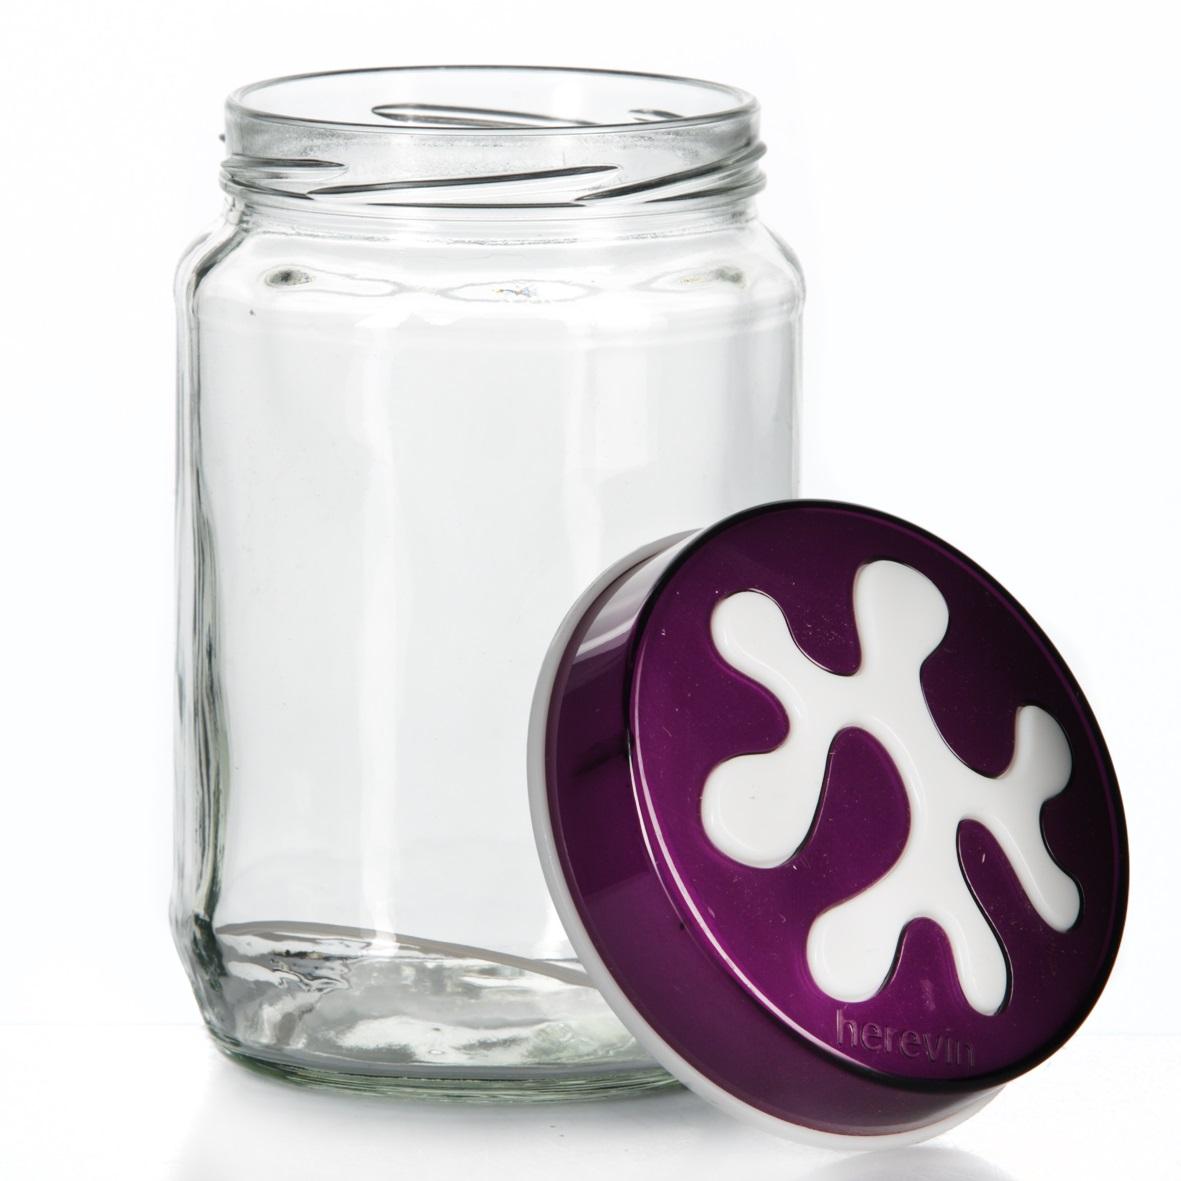 Банка для сыпучих продуктов Herevin, цвет: фиолетовый, 720 мл. 135367-003 банка для сыпучих продуктов herevin цвет фиолетовый прозрачный 425 мл 135357 500